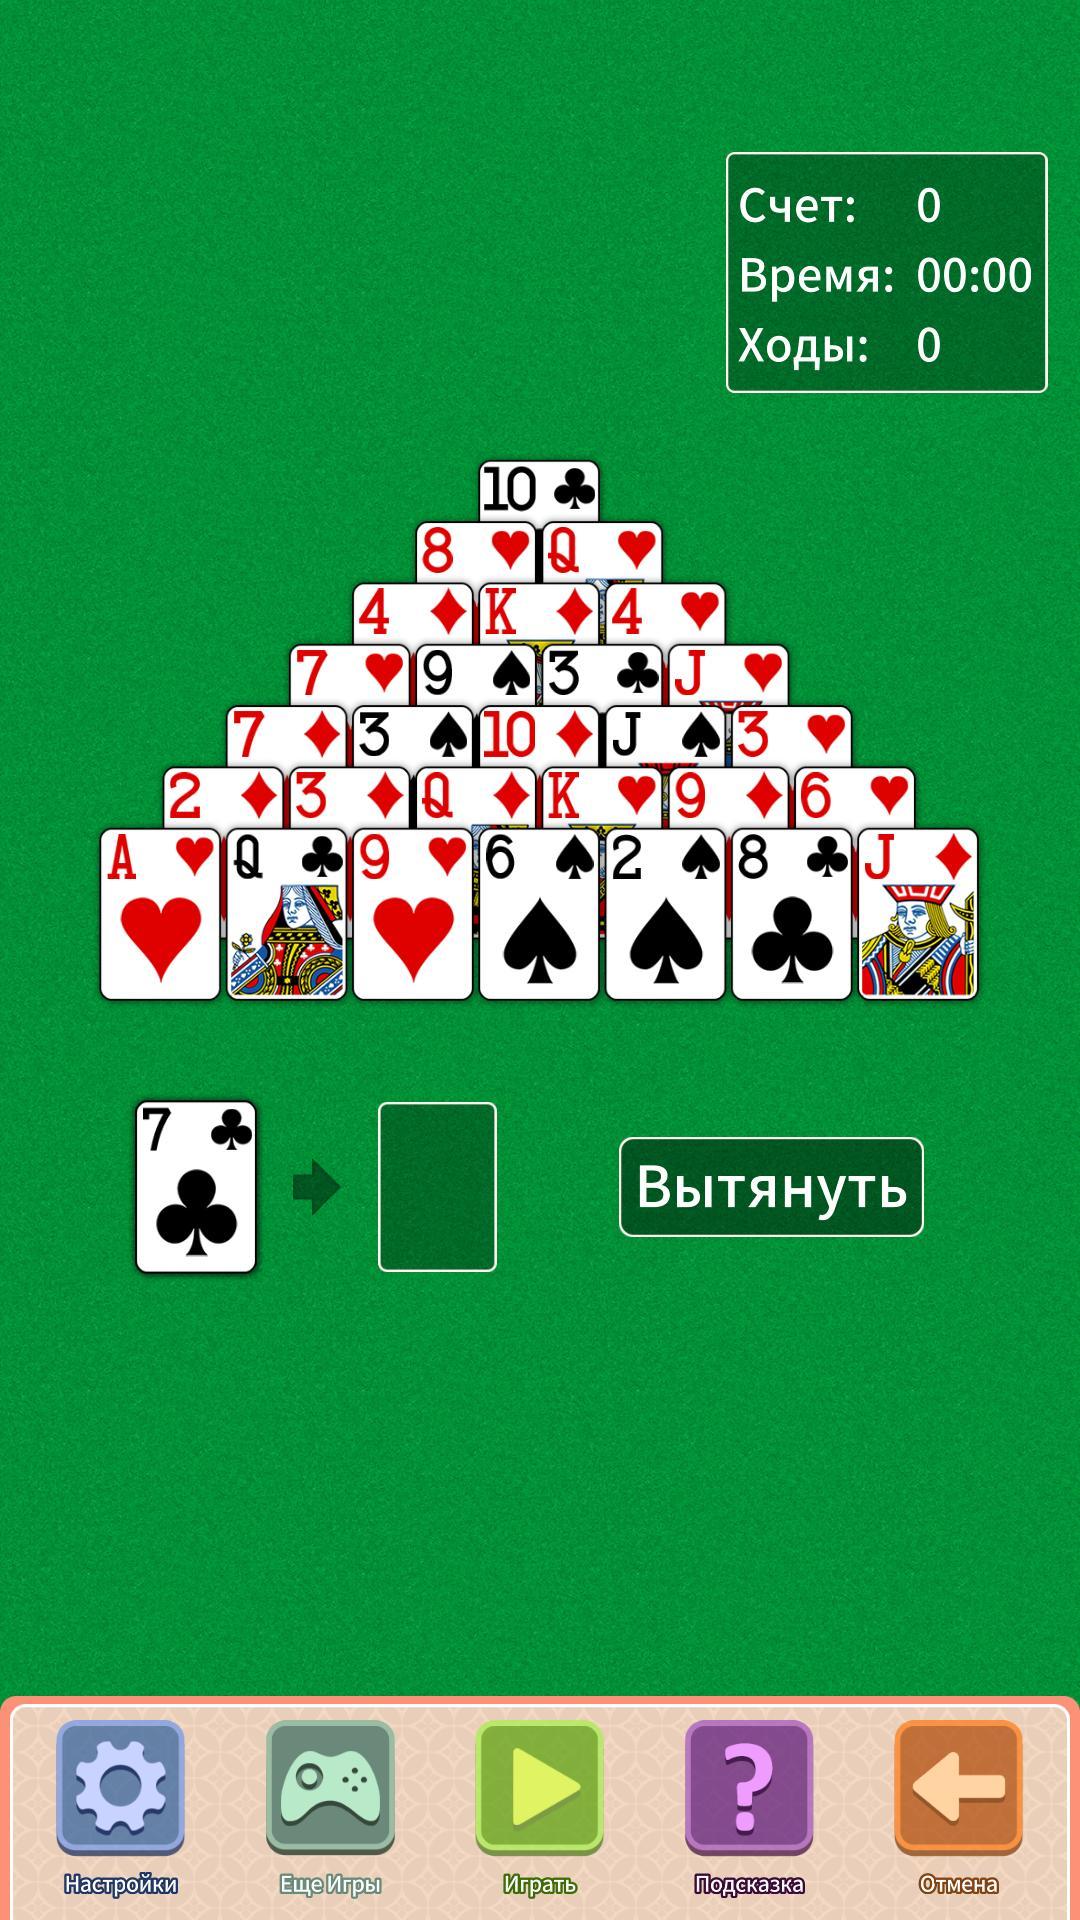 Компьютерные азартные игры